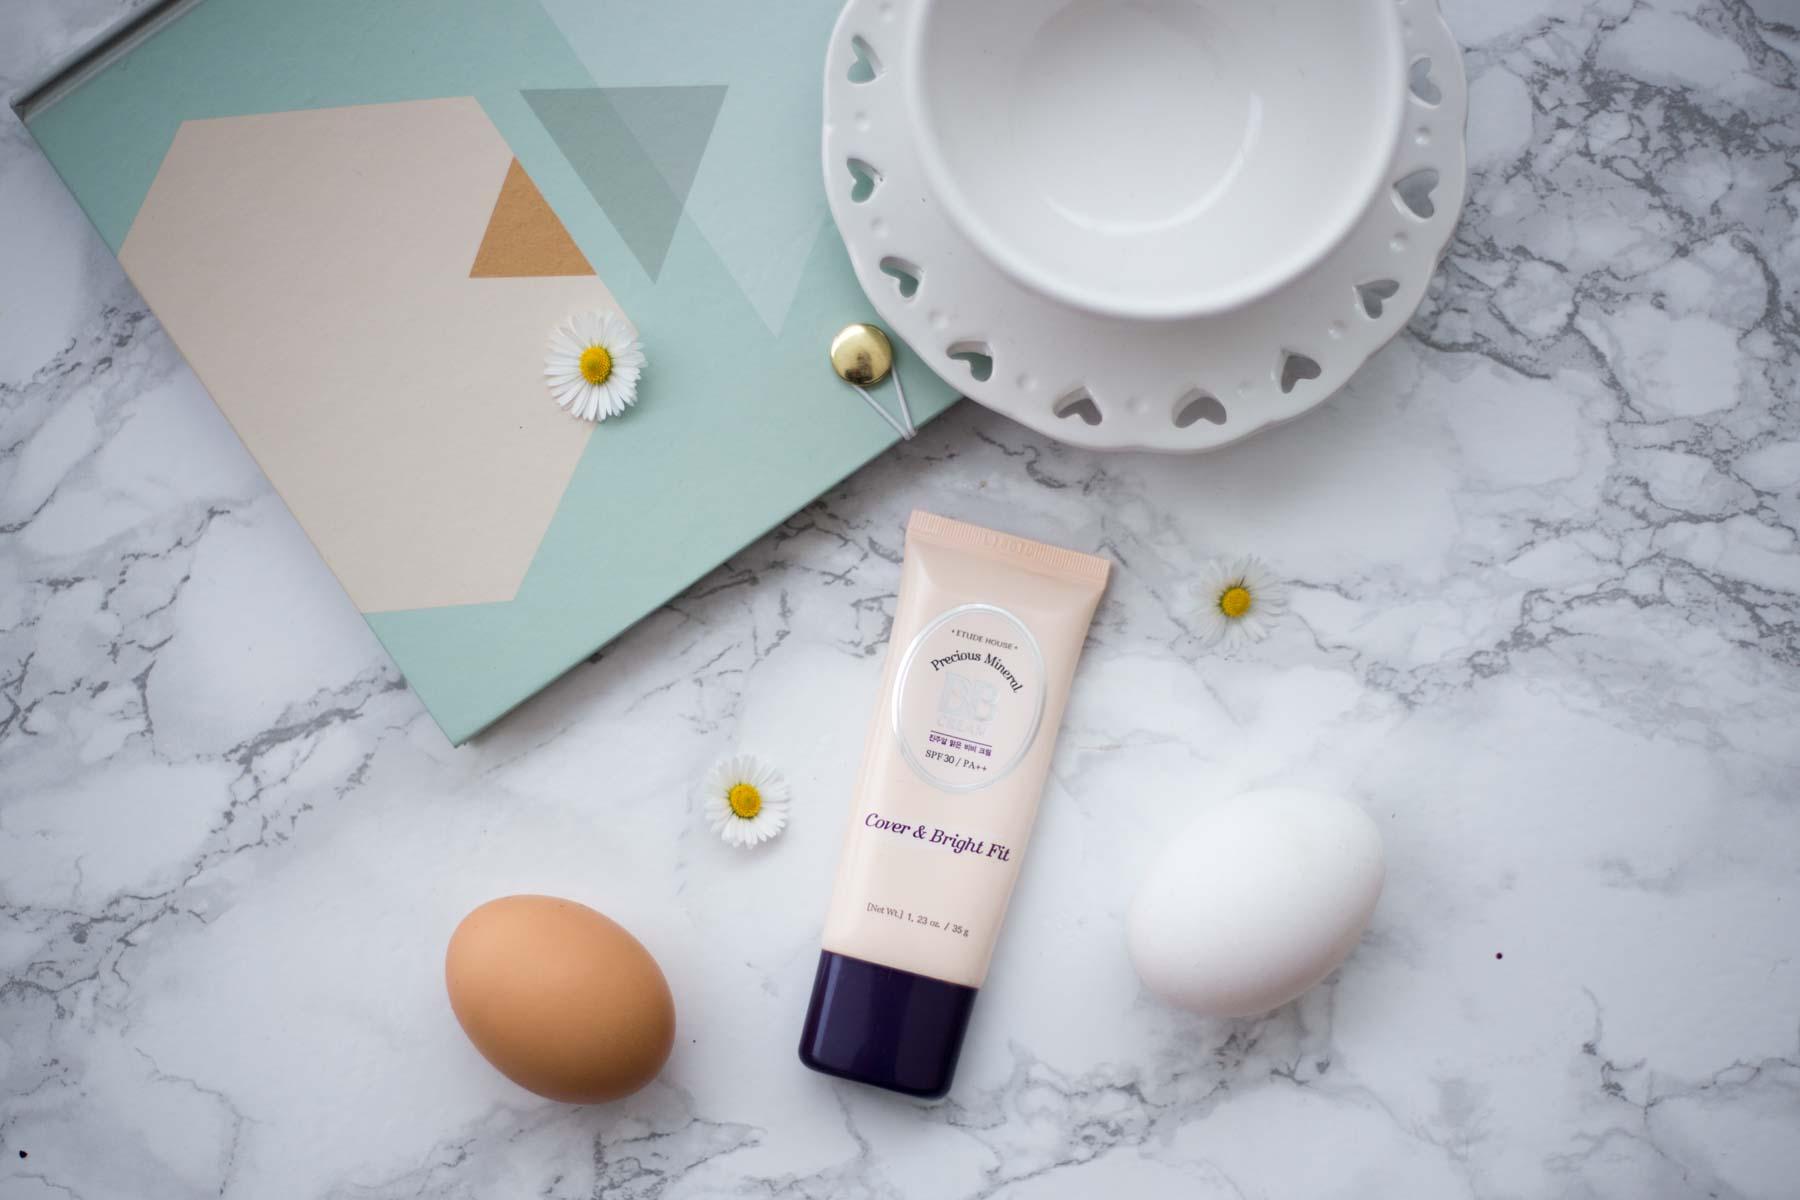 Precious Mineral BB Cream Cover & Bright Fit di Etude House